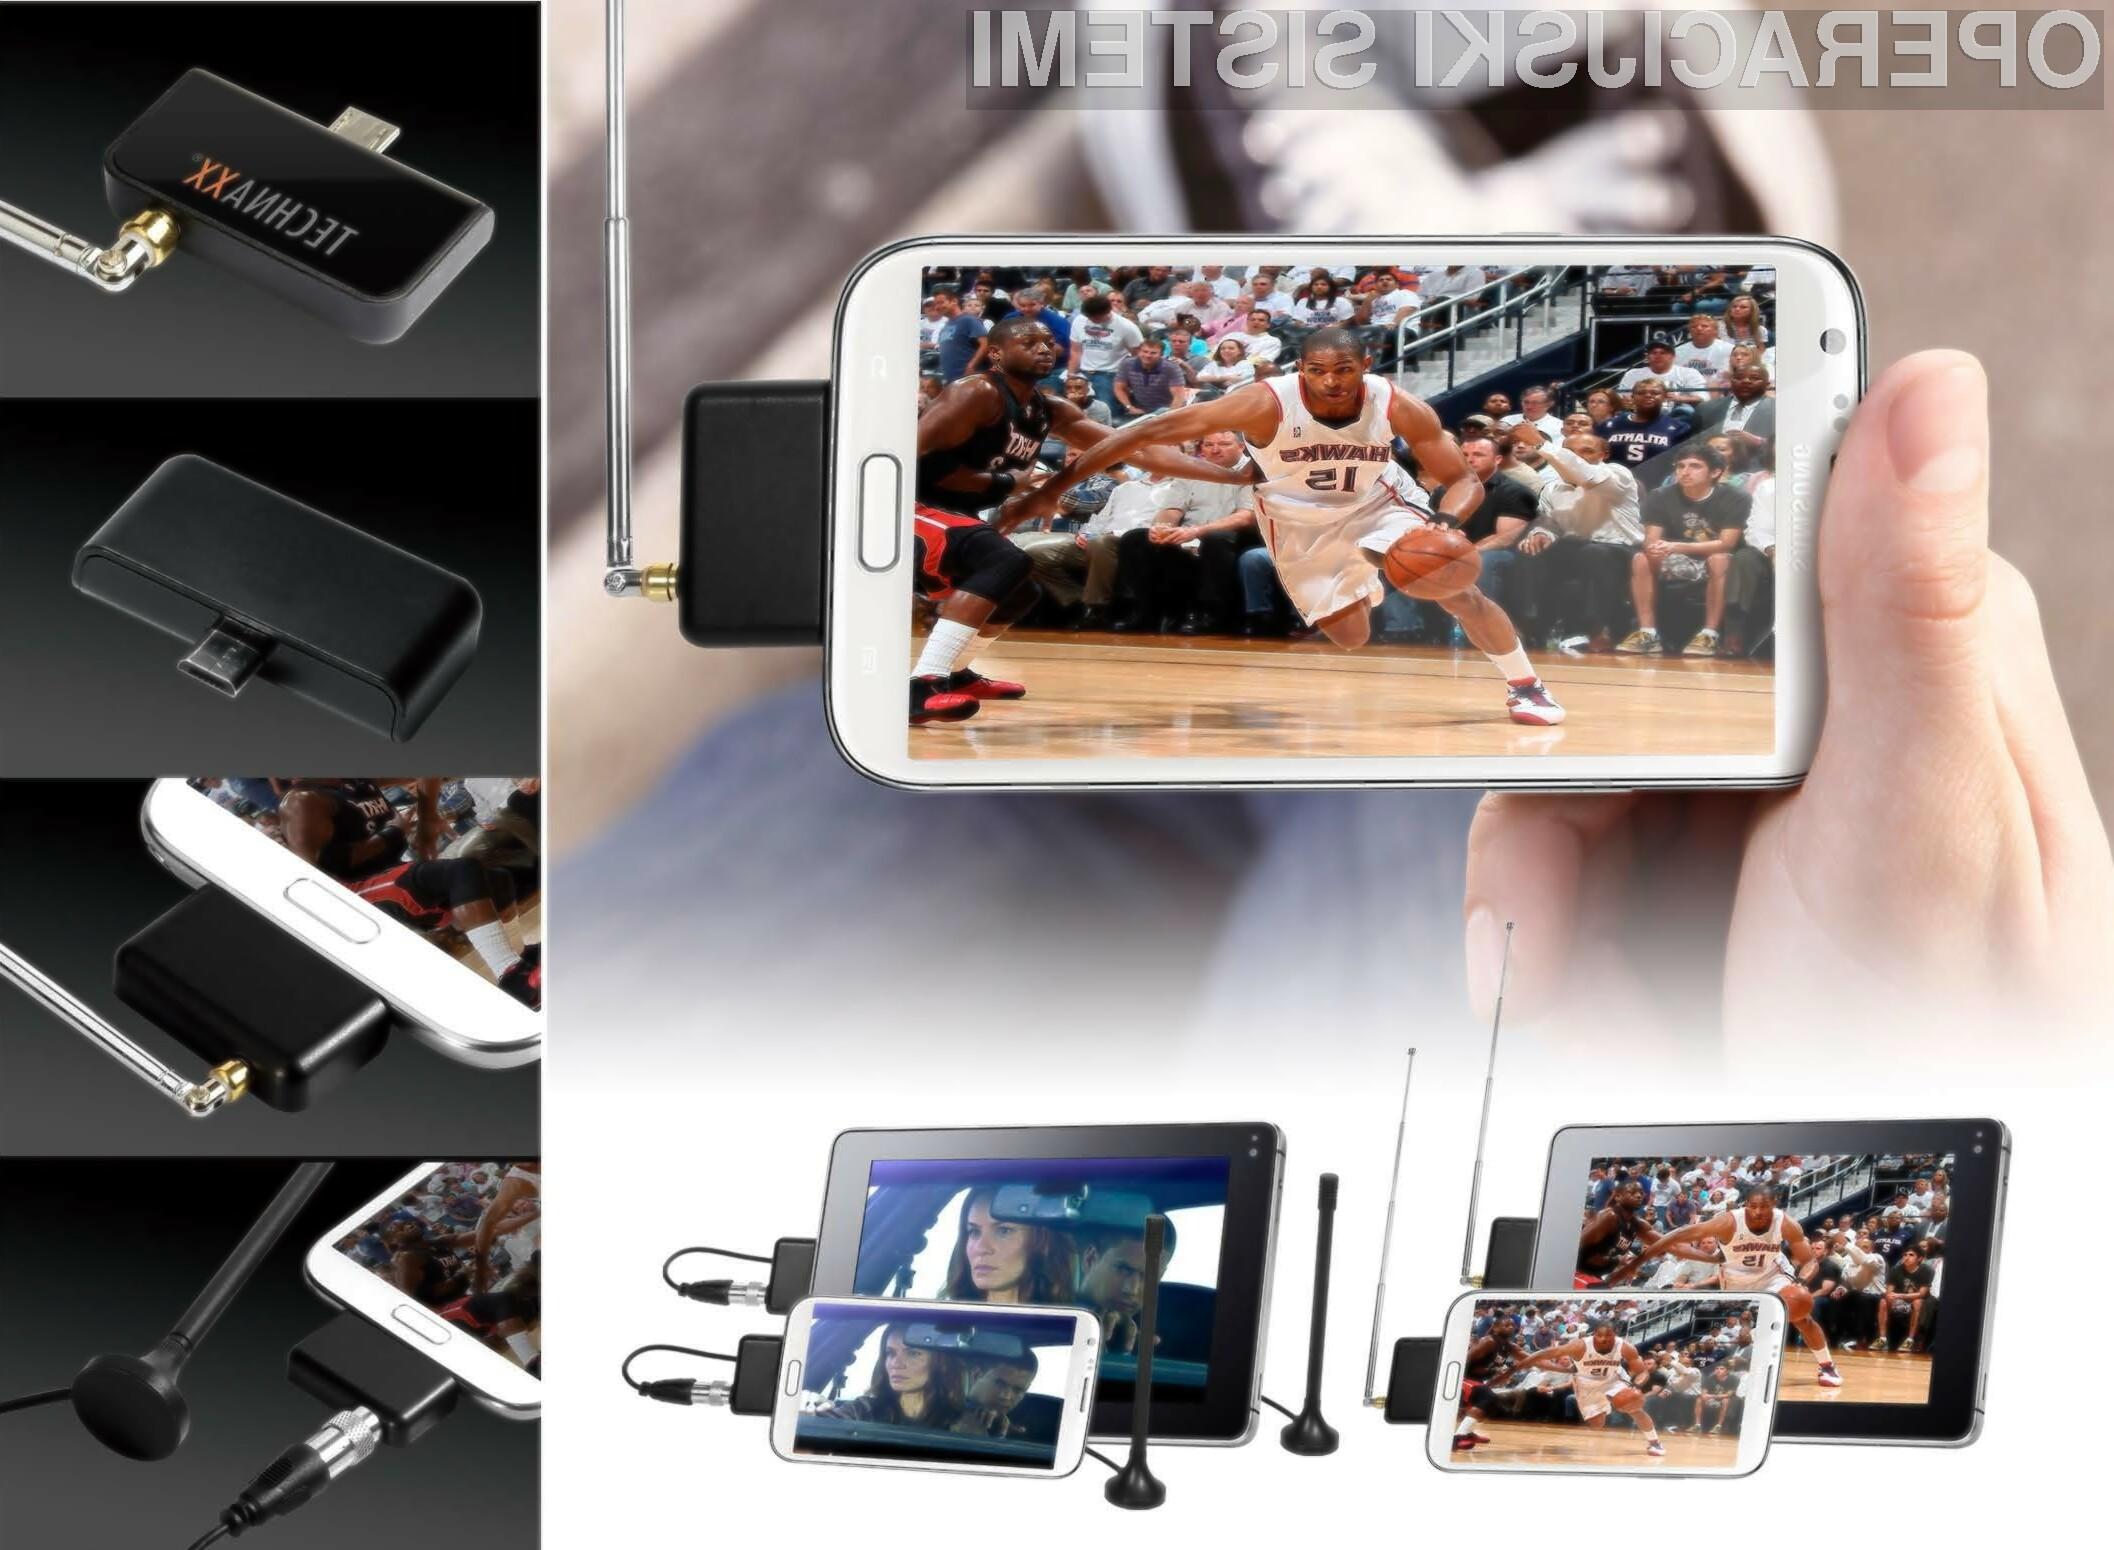 Z DVB-T Android Stick S10 lahko gledate televizijo na vašem mobilnem telefonu ali tabličnem računalniku.